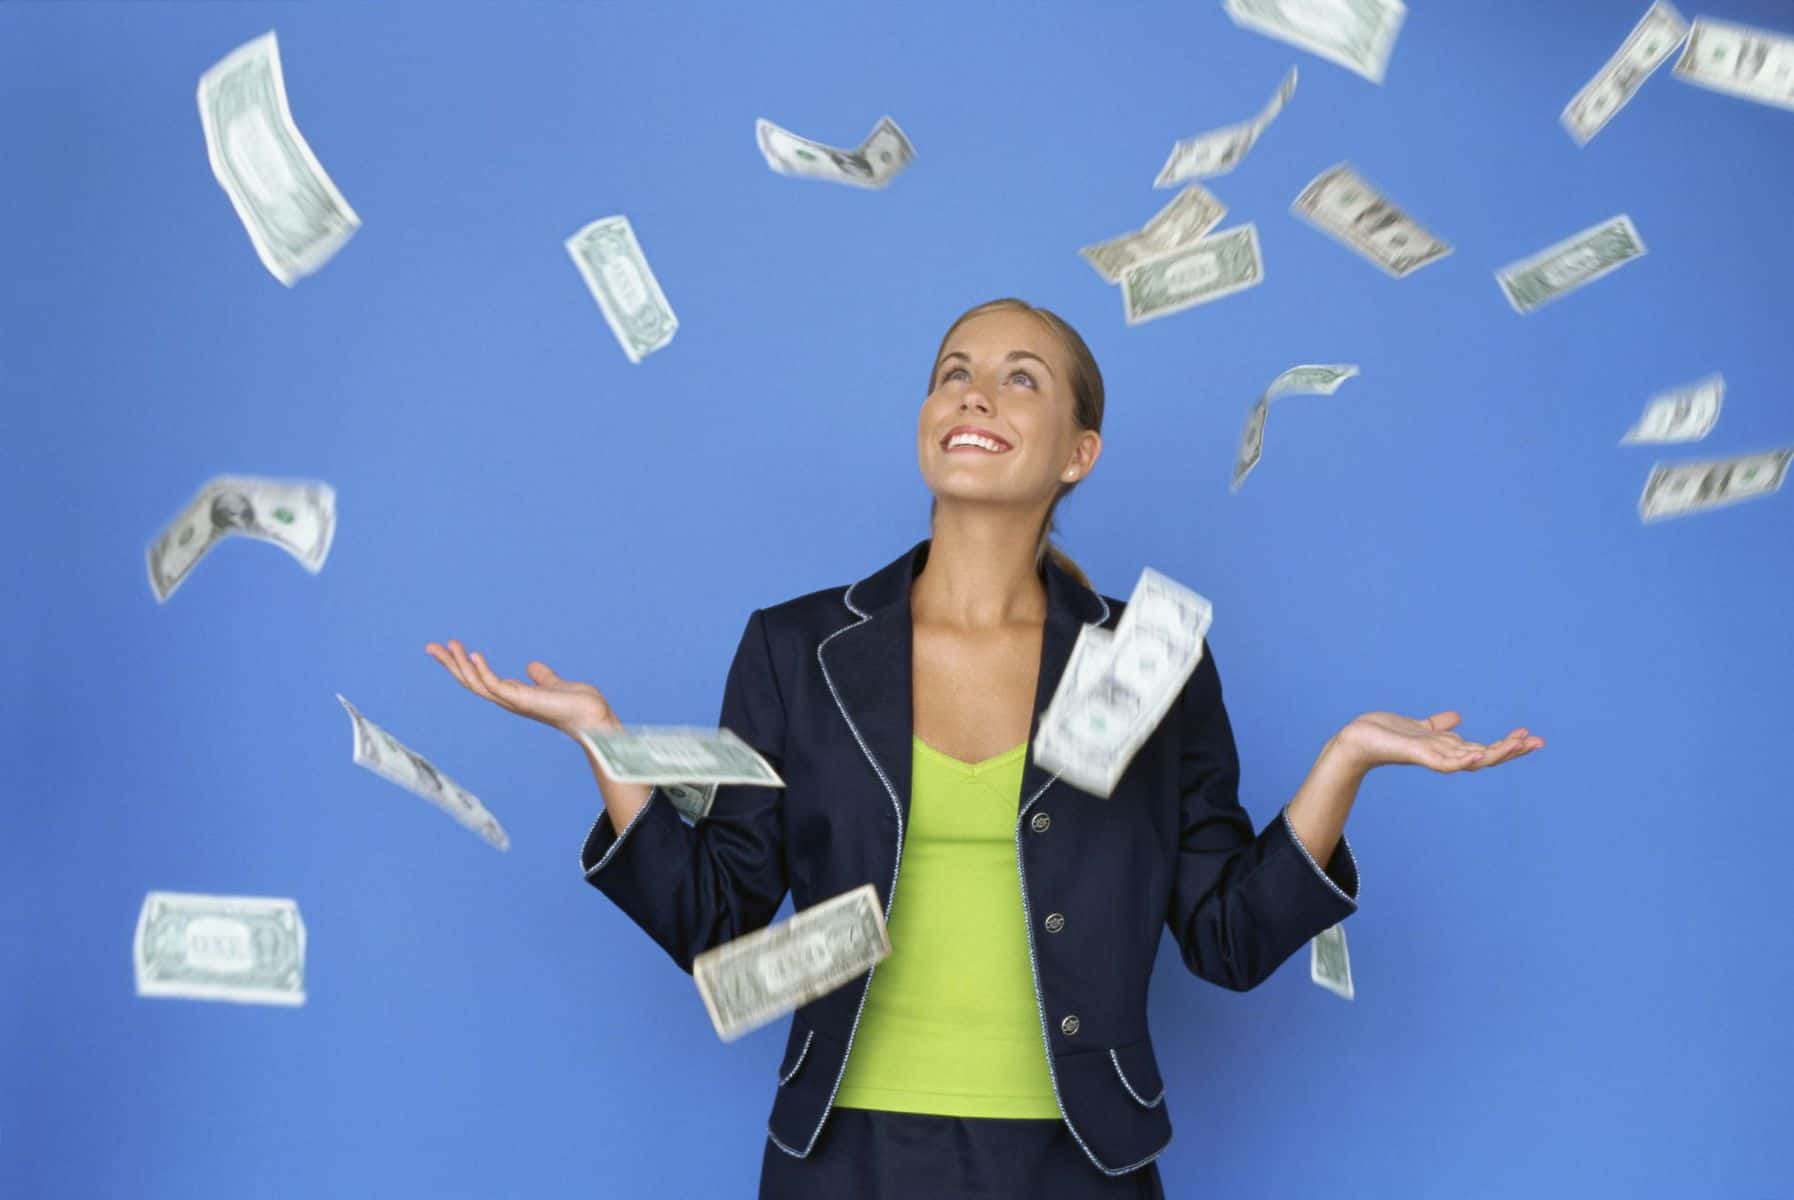 החזרי מס ניתנים בסיומה של שנת המס כאשר שכיר מגיש בקשה בדרישה לאותם החזרים לפקידי השומה של מס הכנסה, התאם לתנאי הזכאות השונים. מס הכנסה נגבה בישראל על פי חישוב […]